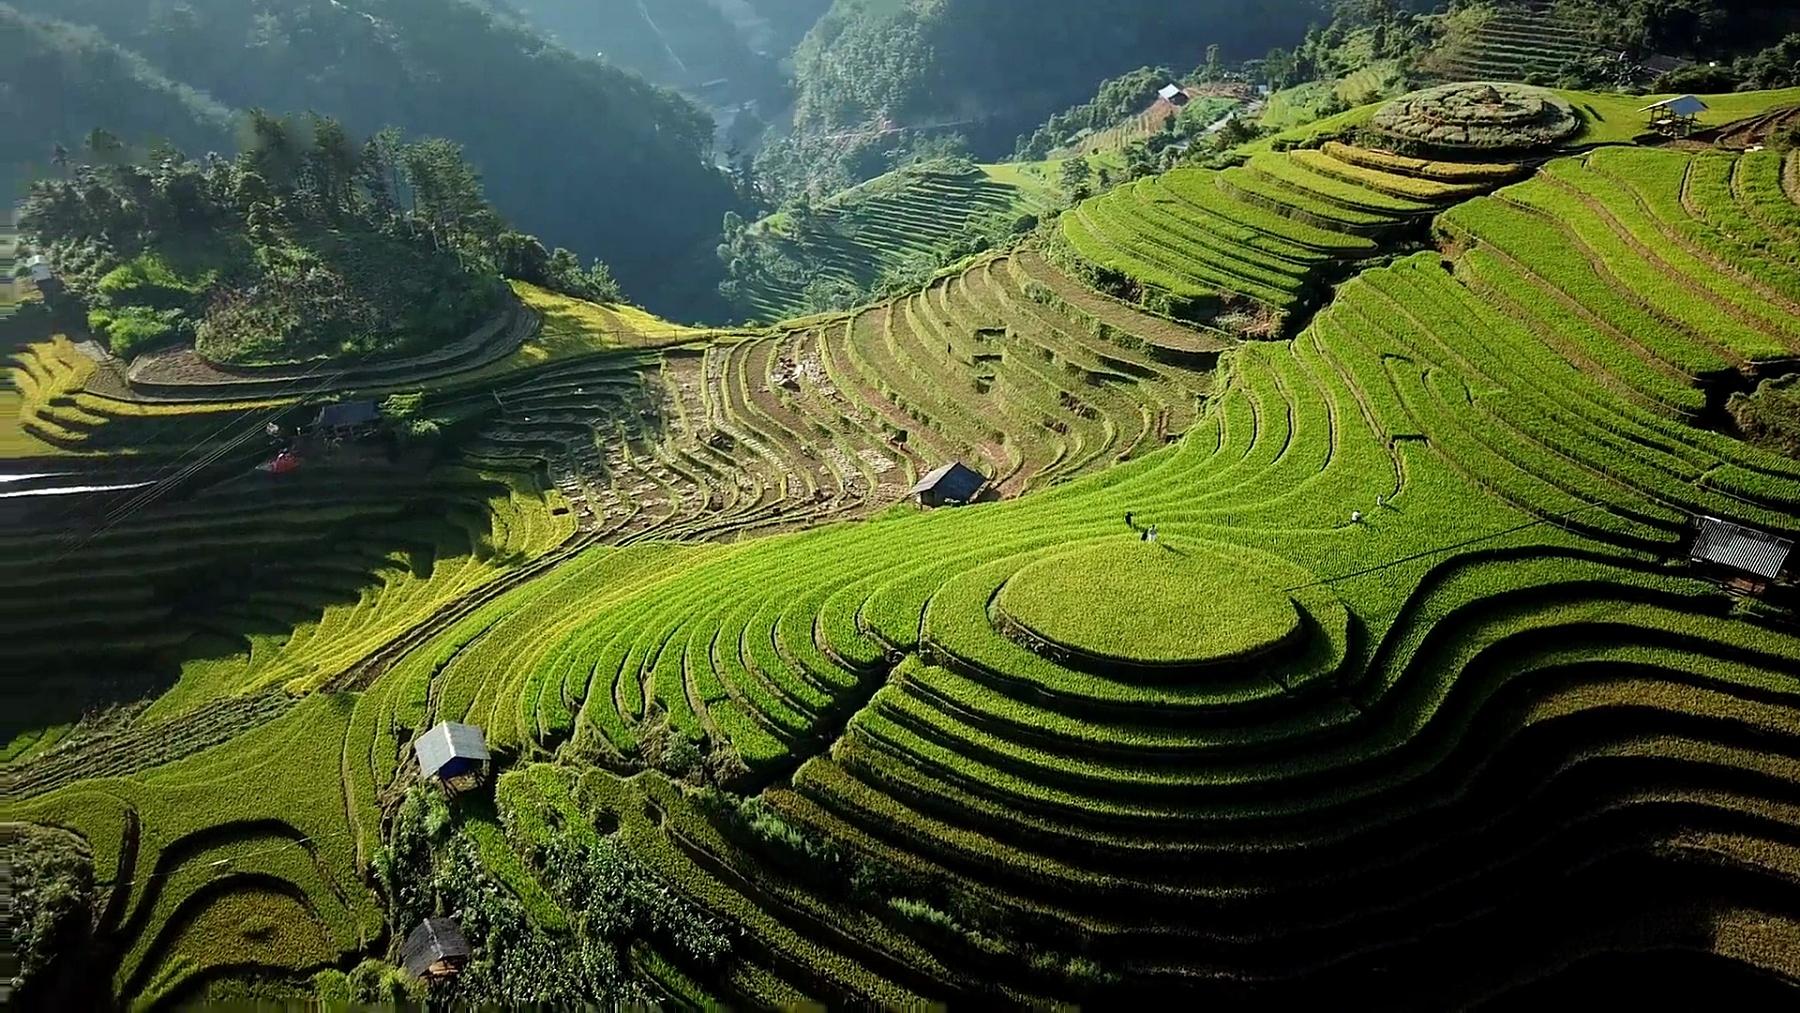 鸟瞰稻田梯田全景山坡与山上稻作